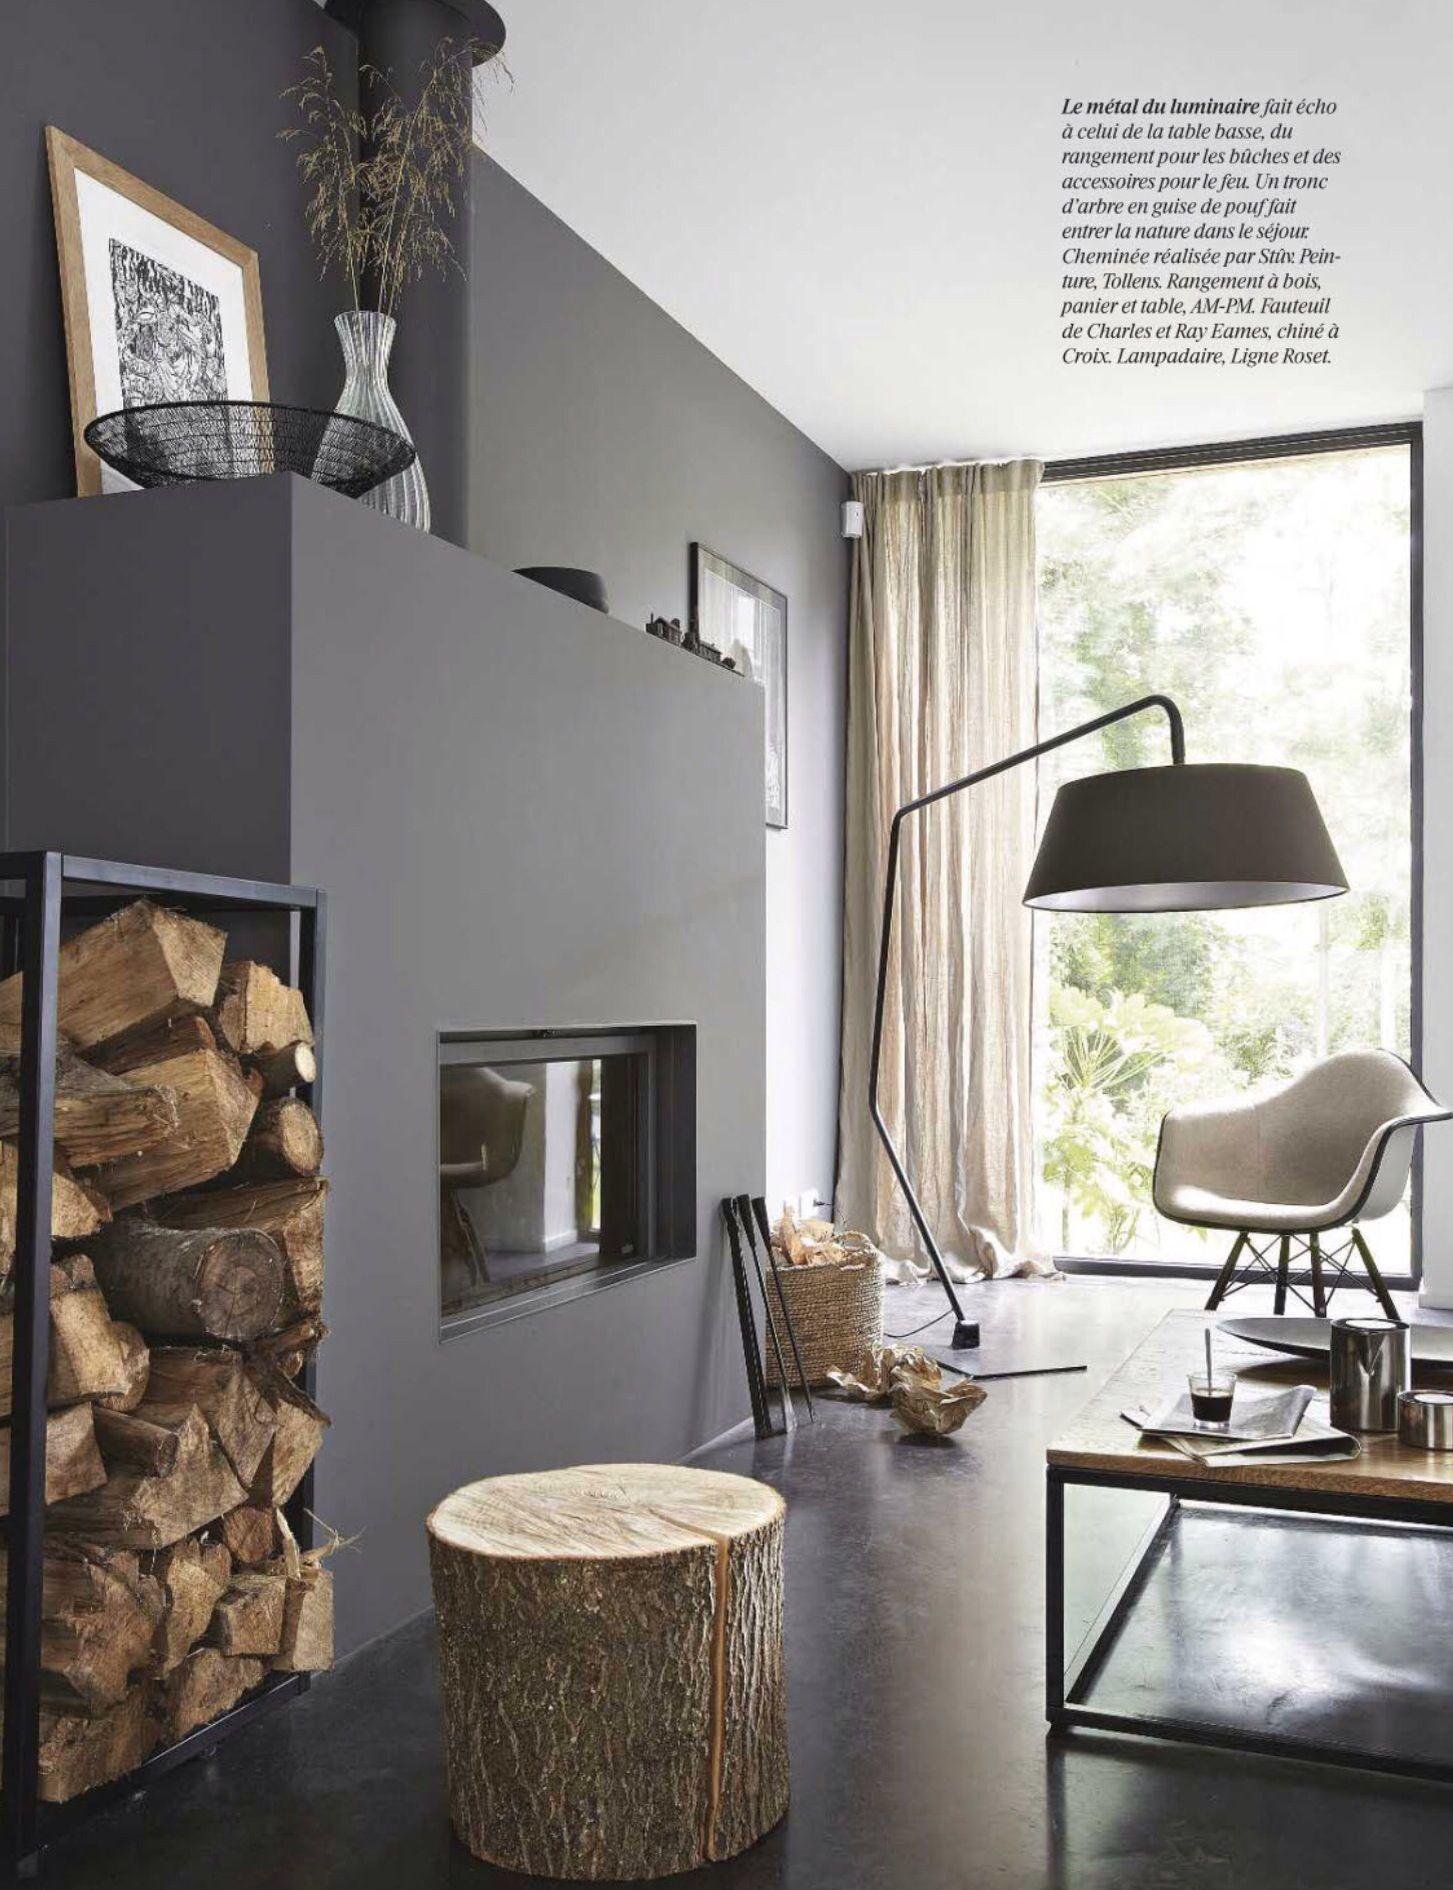 Welche Farbe Hat Dein Kamin? #Kolorat #Wandfarbe #Wohnzimmer #streichen